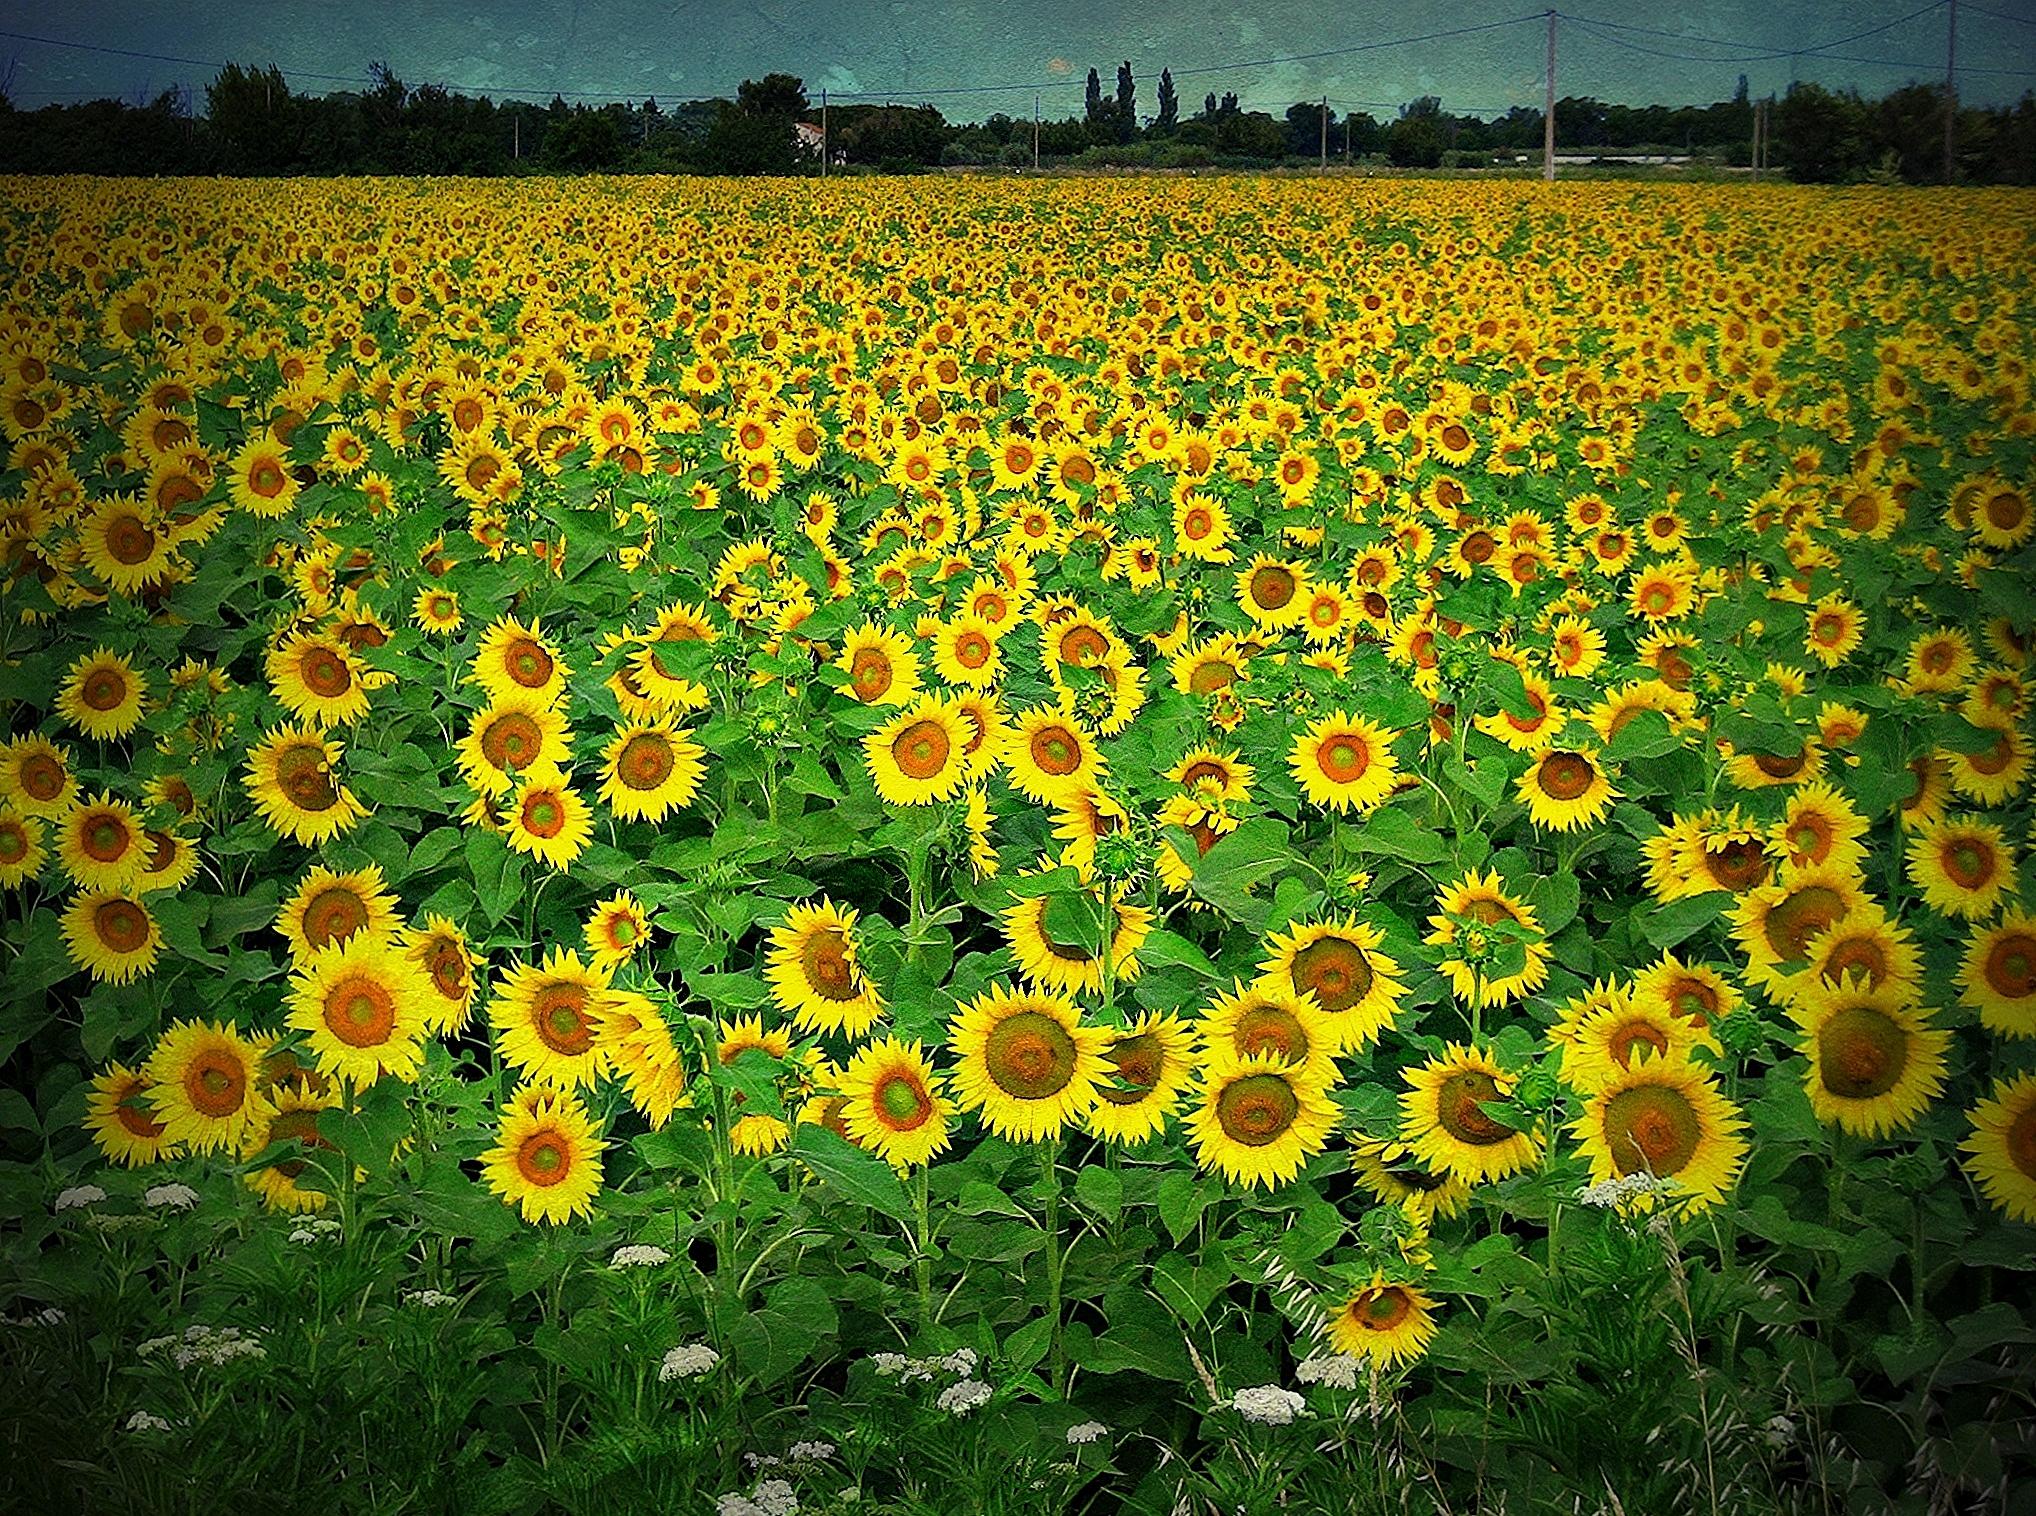 Hintergrundbilder : Landschaft, Natur, Himmel, Pflanzen, Feld ...